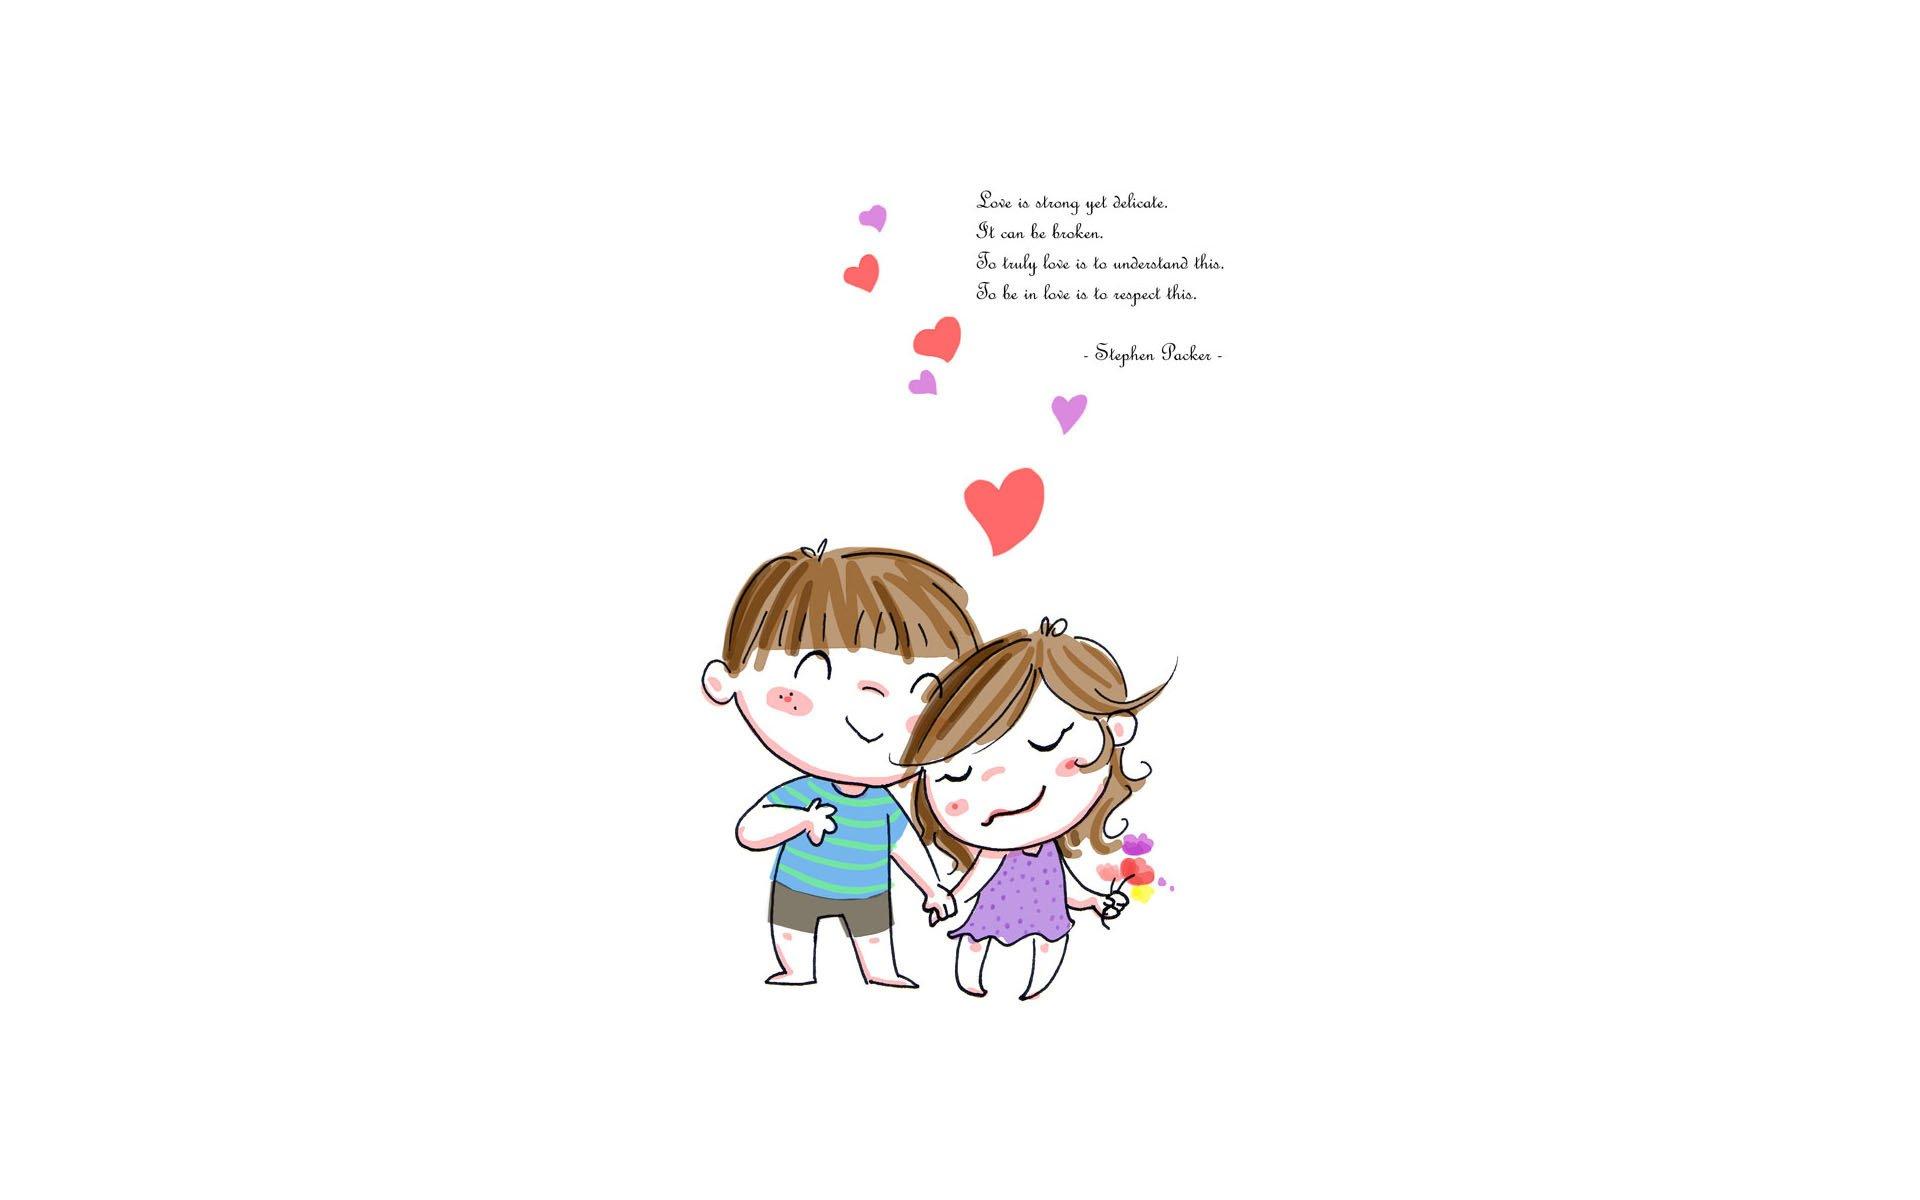 Картинки с надписью про любовь для мальчика, именины открытки поздравления